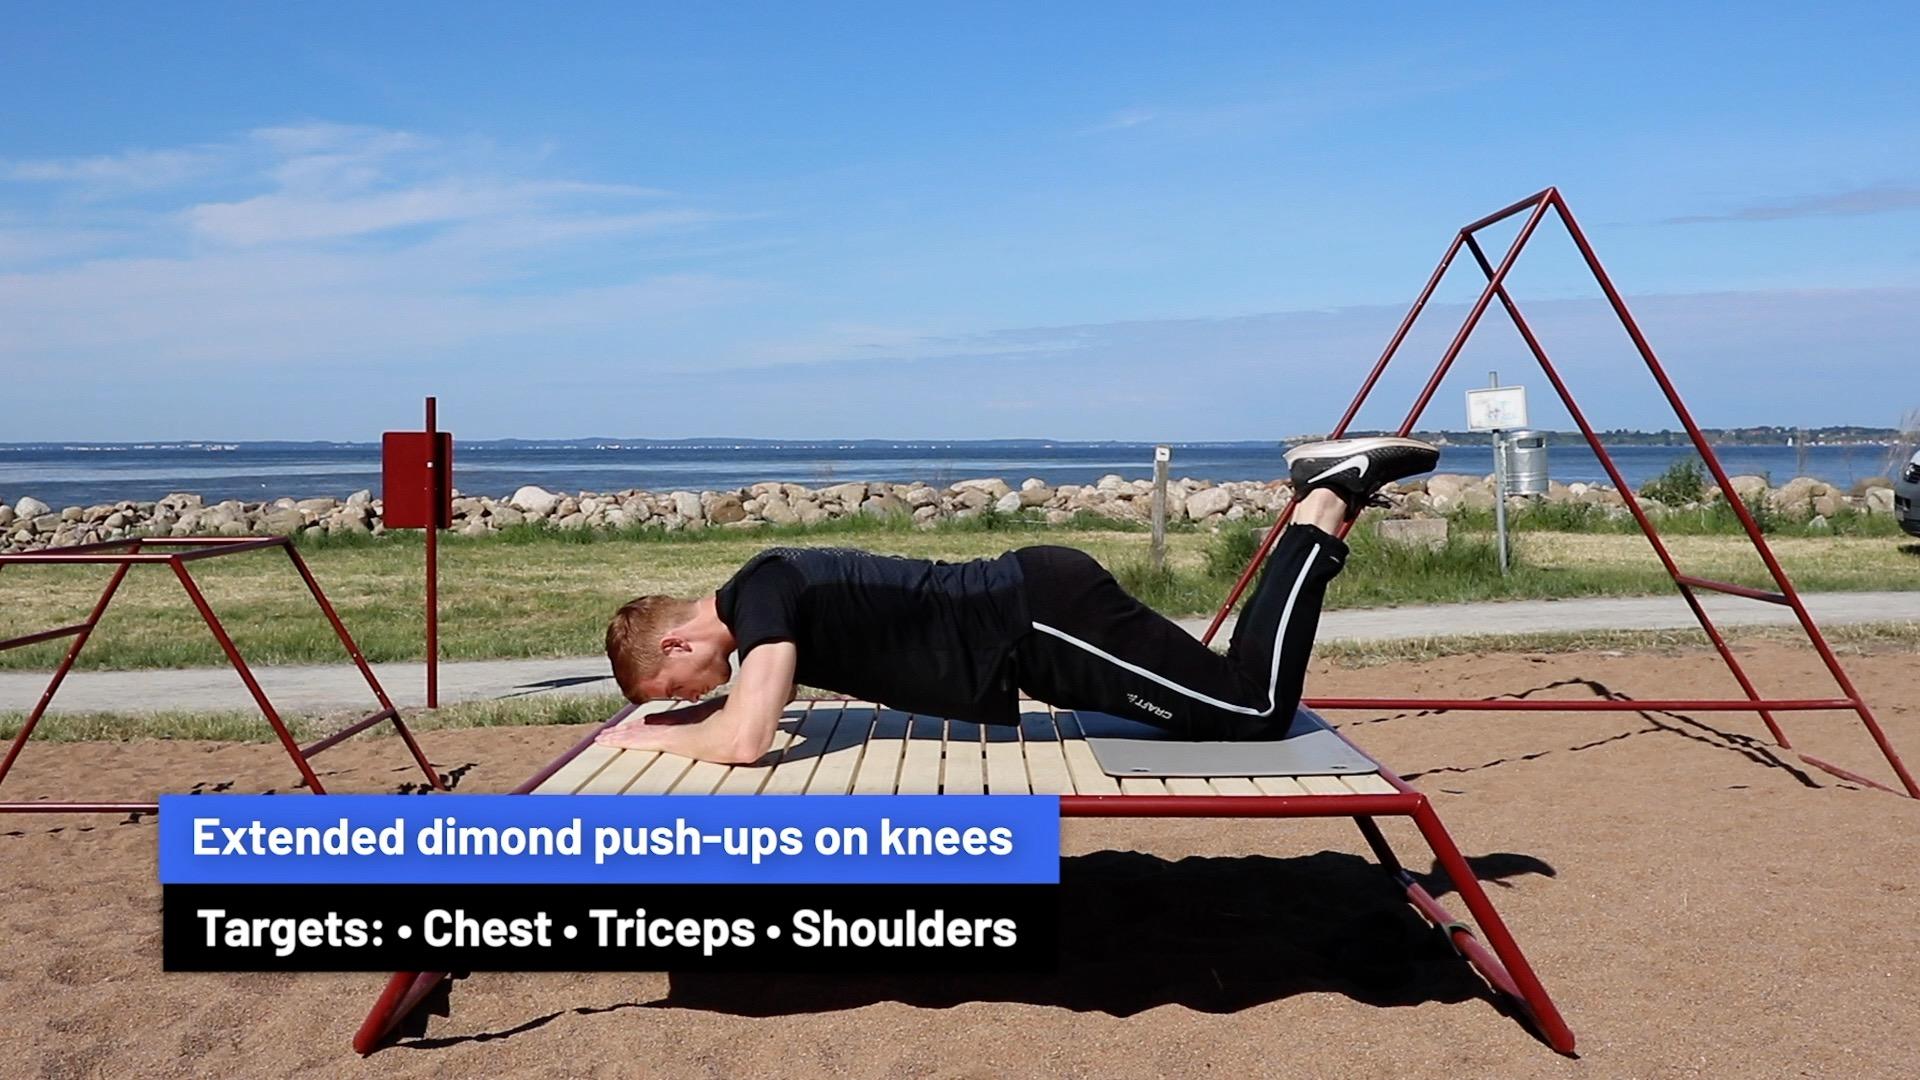 Extended diamond push-ups on knees